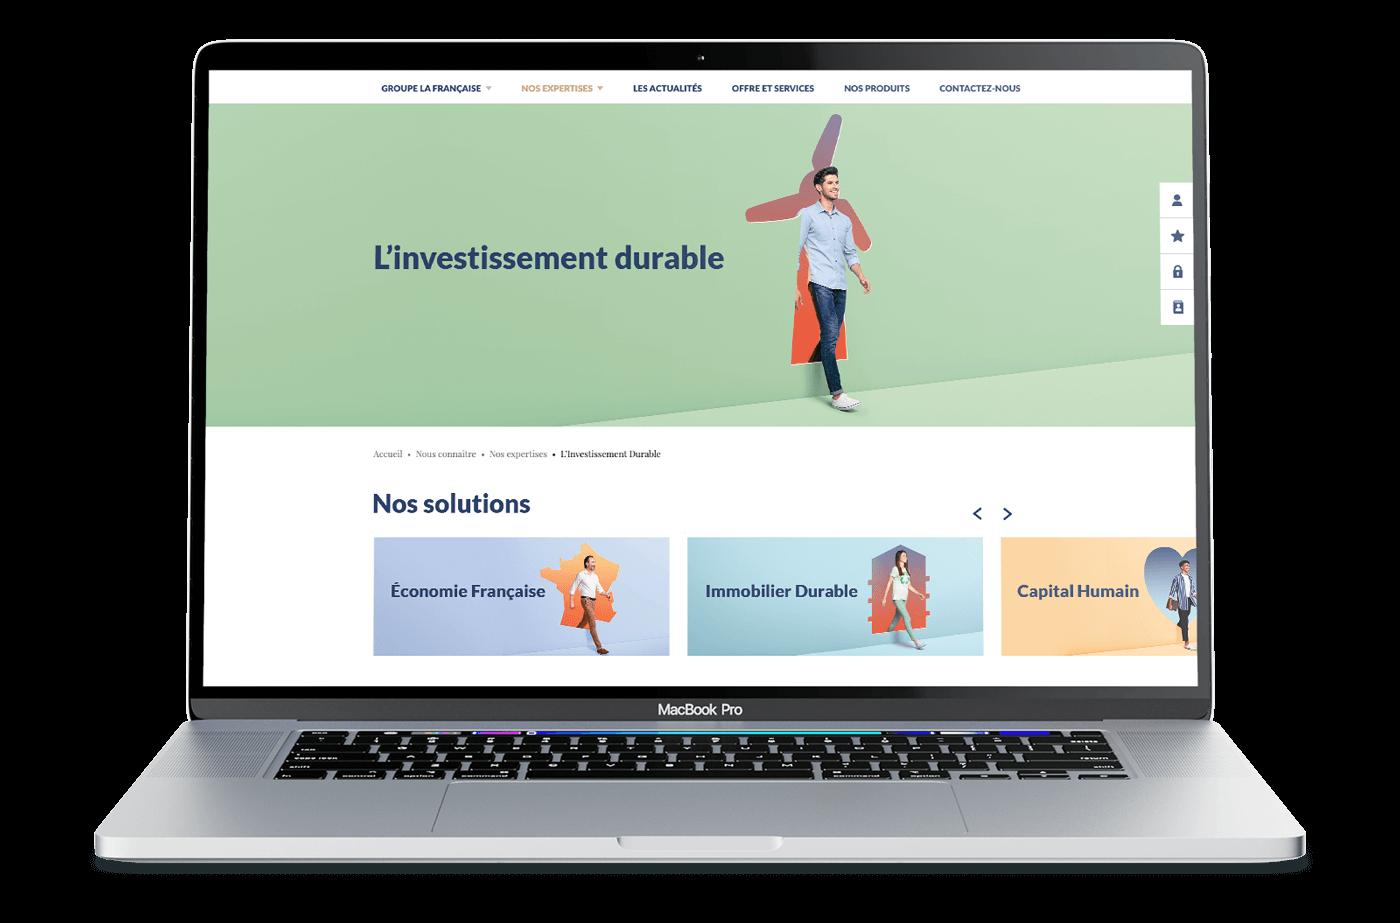 benjamin lecoq-graphiste - directeur artistique - paris -publicité site motion logo identité - groupe la française - campagne investissement durable - site produit